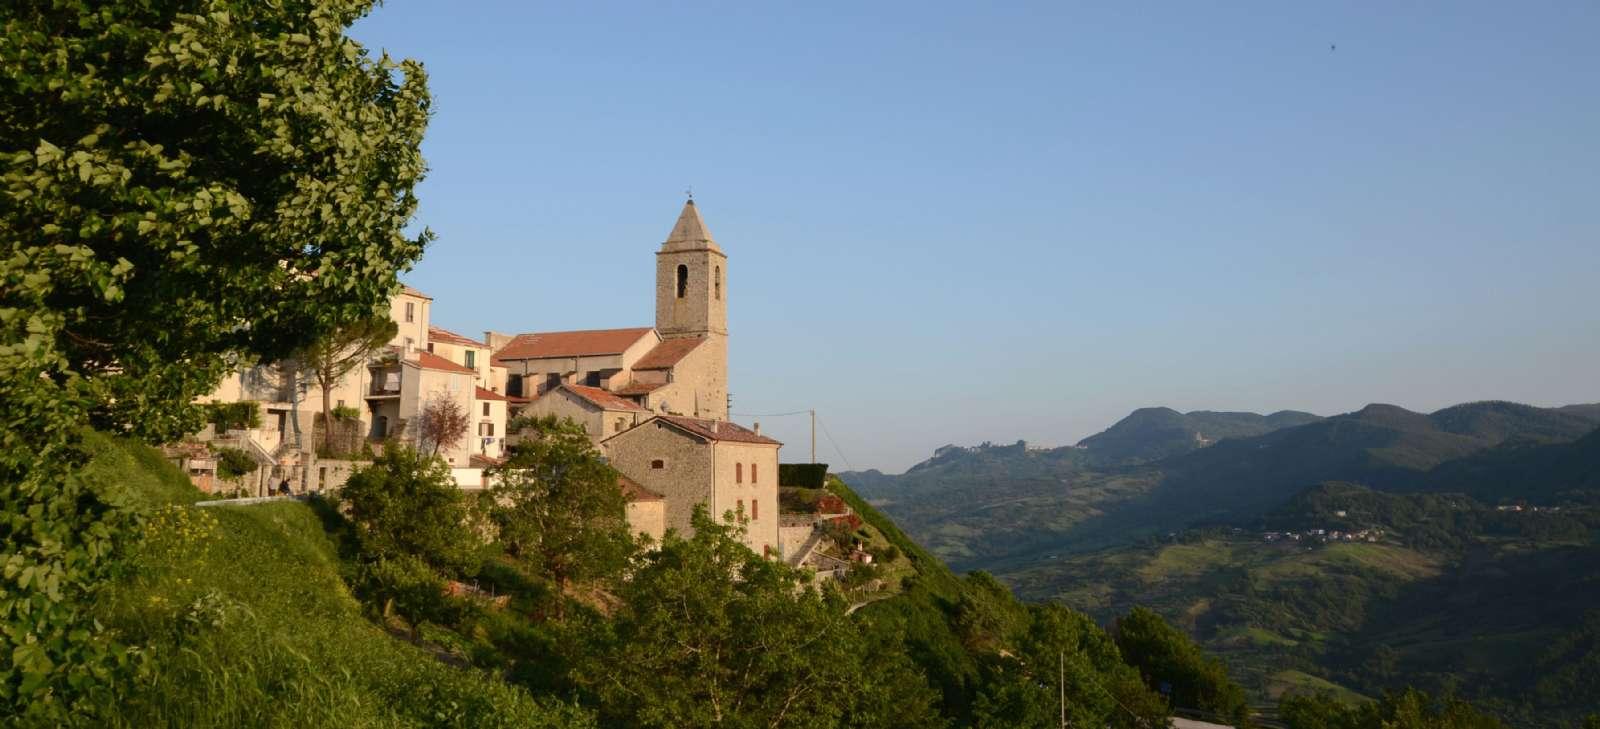 Kig til en af kirkerne i byen Agnone i Molise. Byen er kendt for sine kirkeklokkeproduktion.